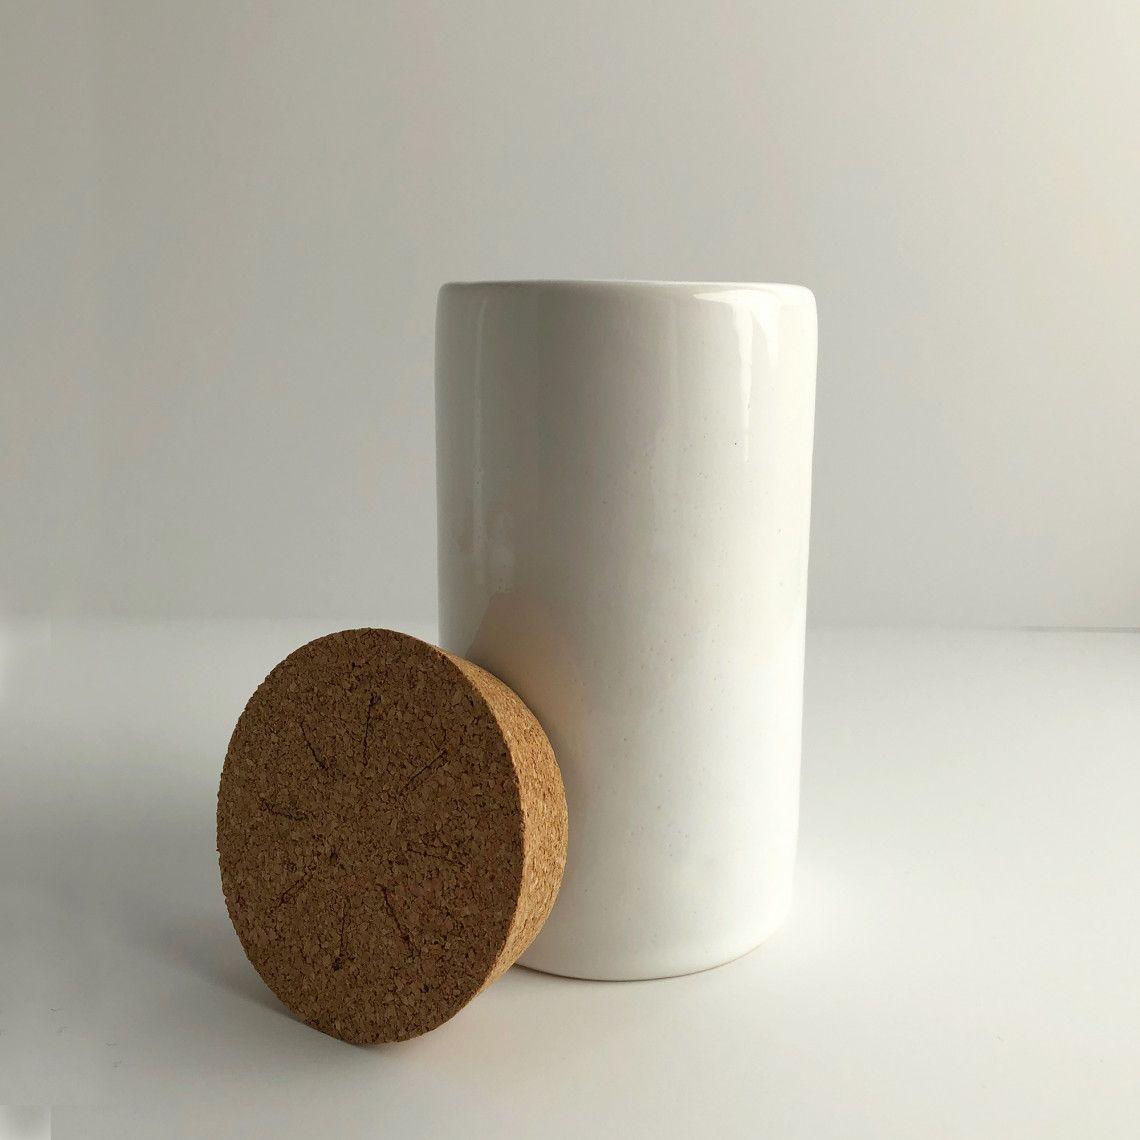 MAYE stash jar Maye Lopez Ceramista - 7